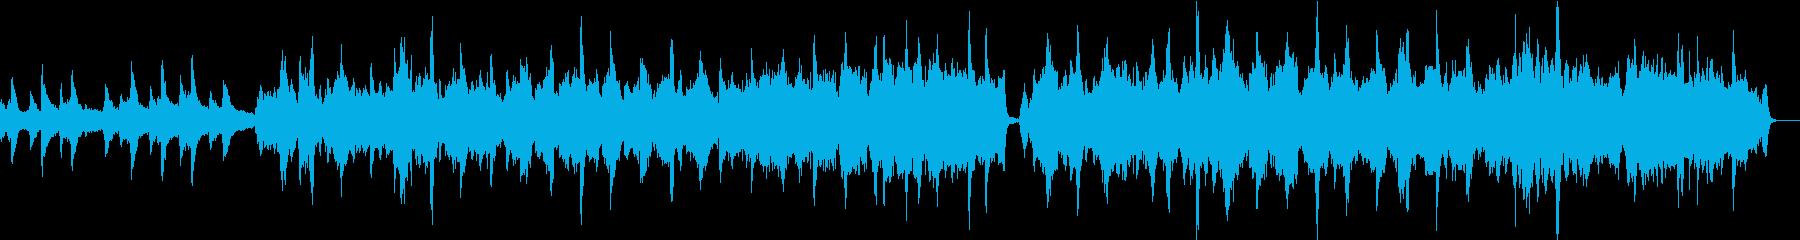 感動と別れのシーン・ピアノバイオリン劇伴の再生済みの波形